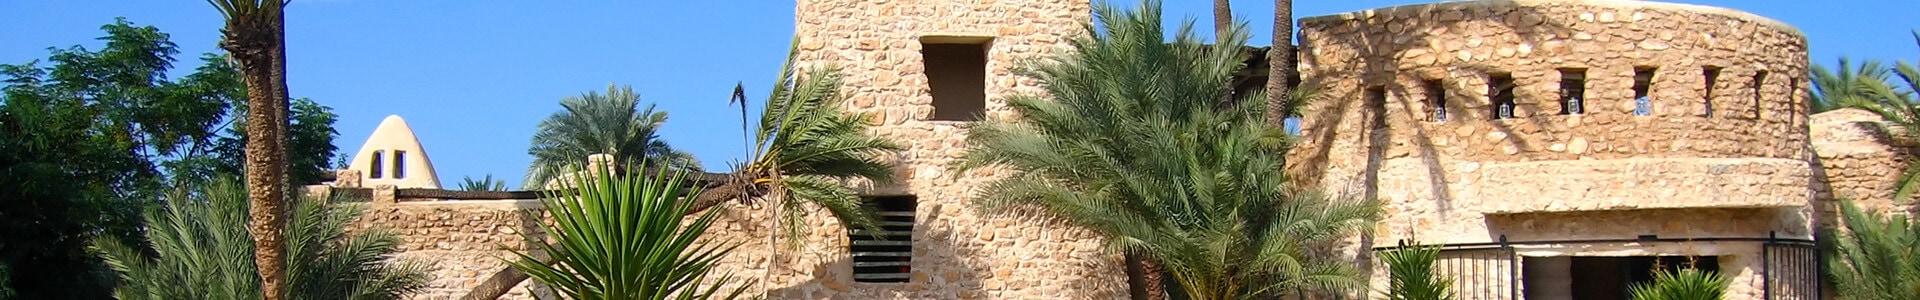 Voyage Djerba - TUI